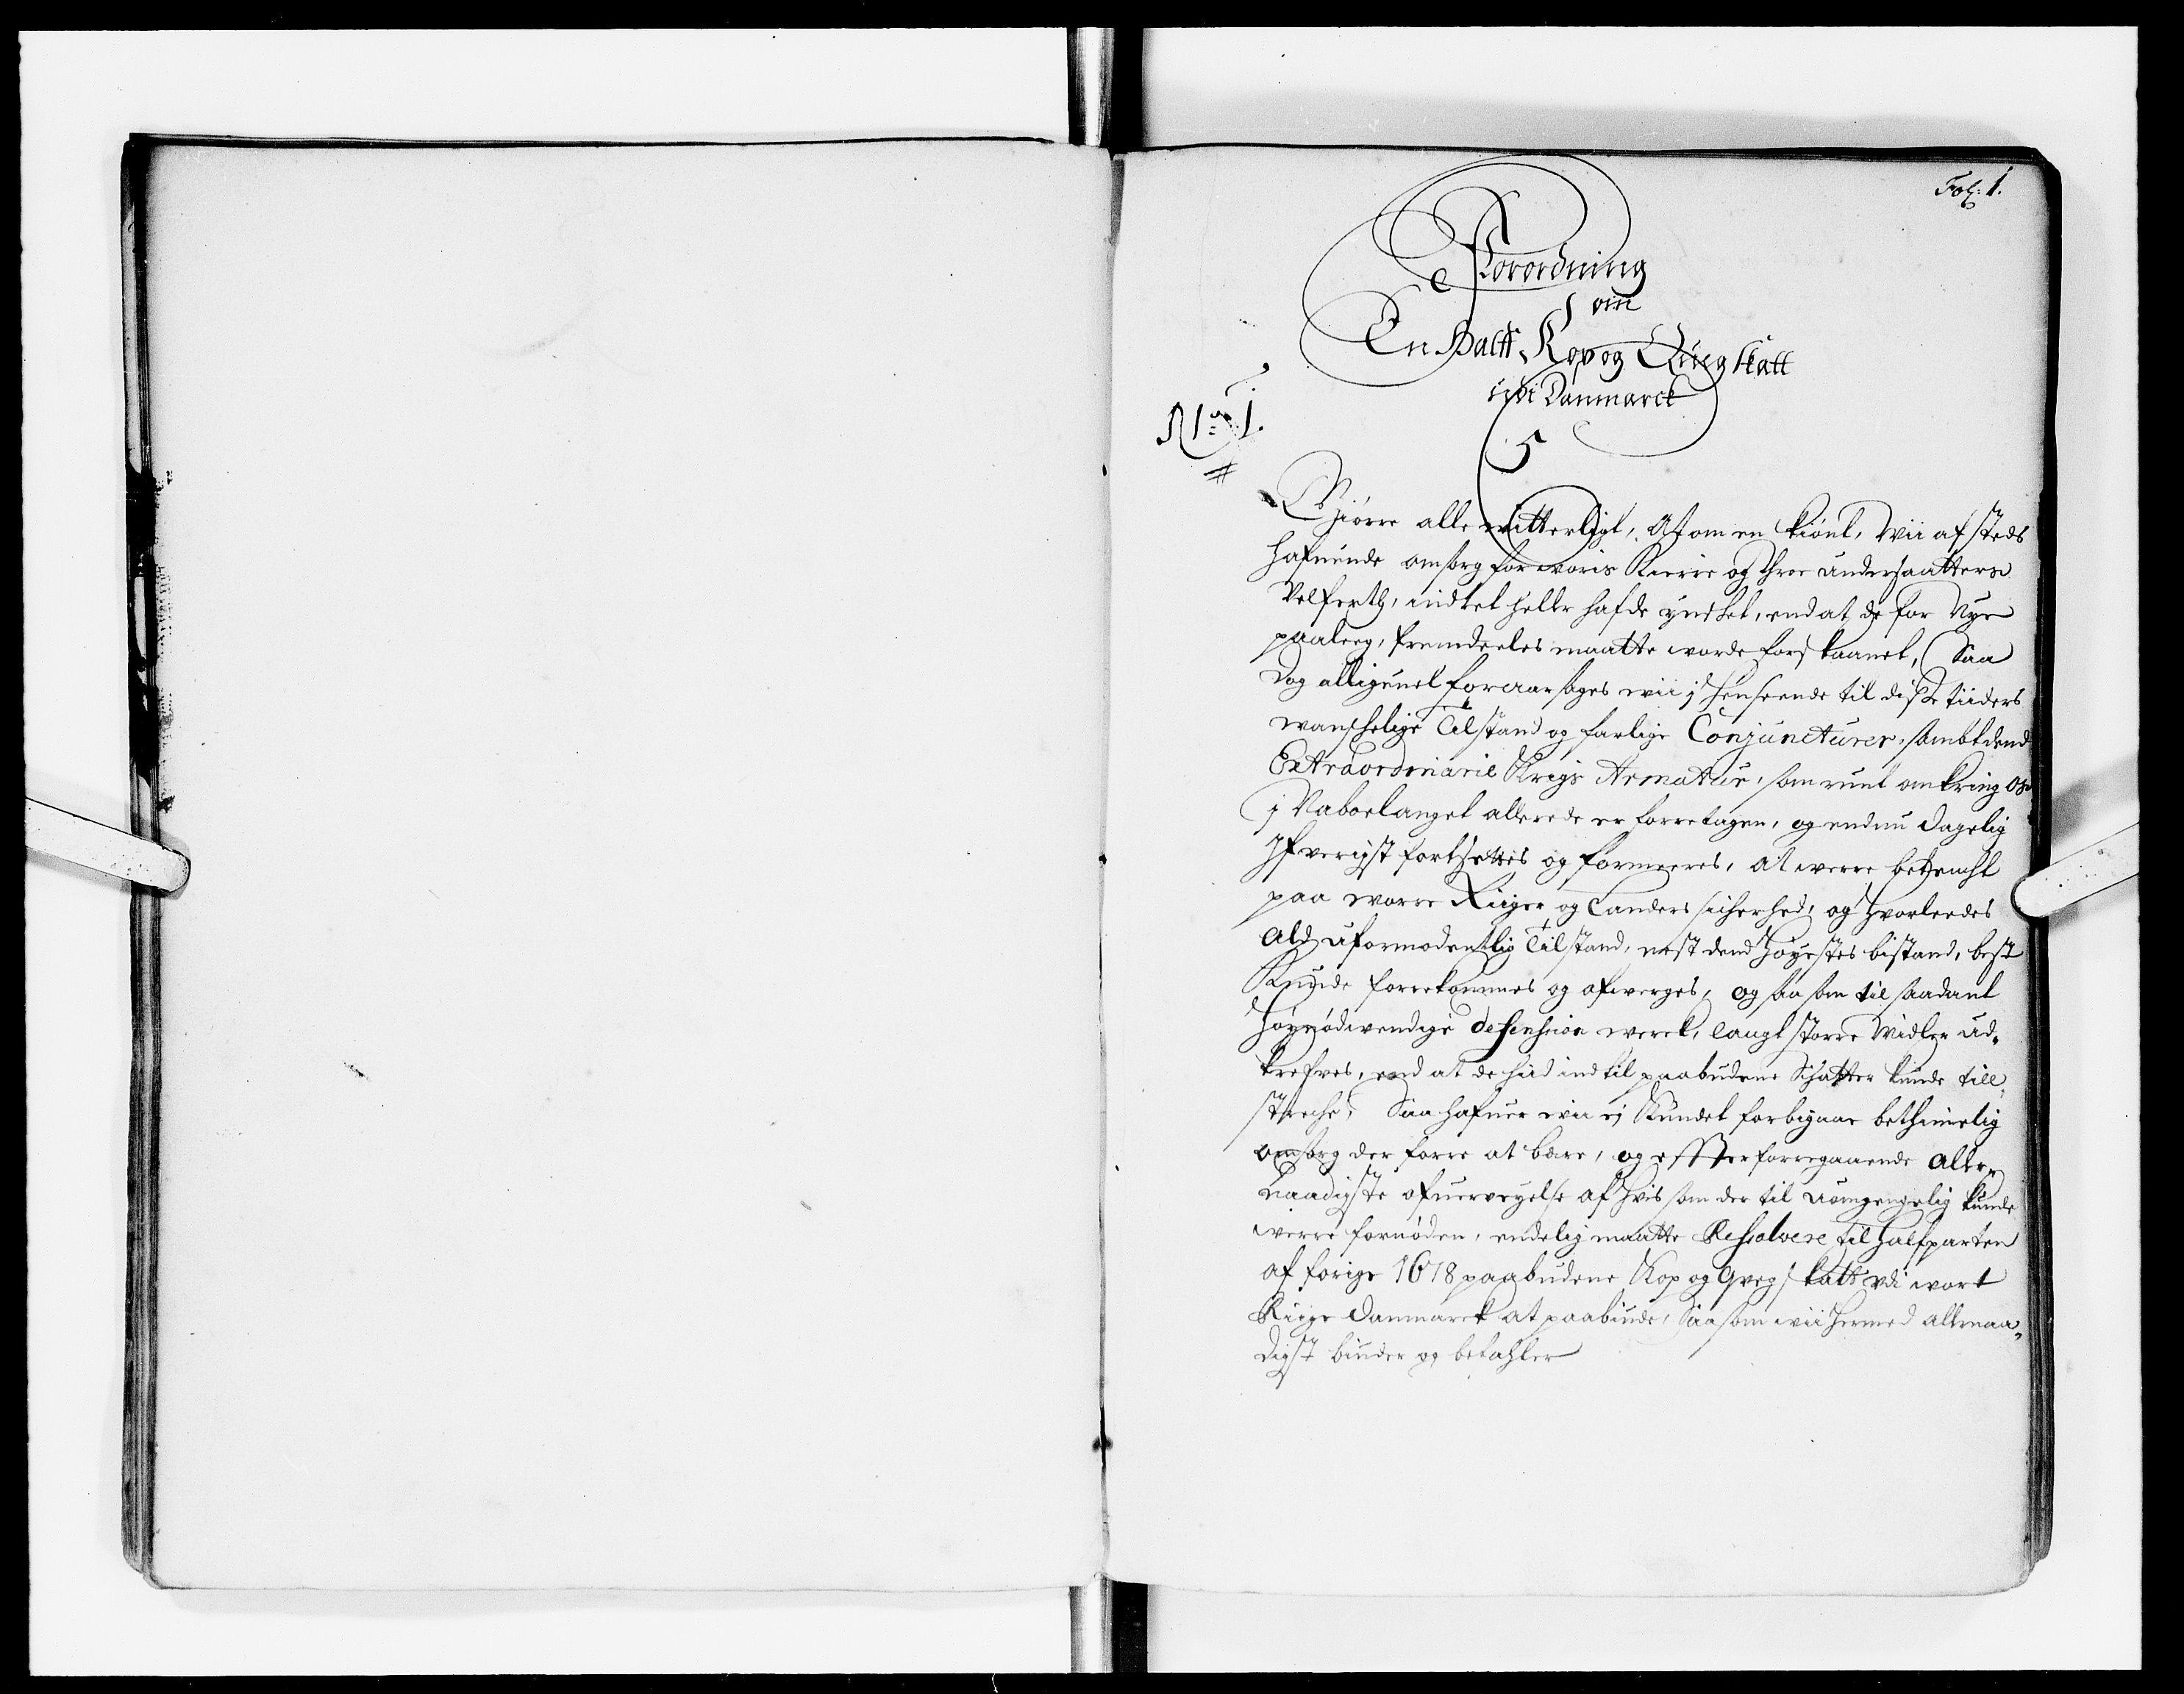 DRA, Rentekammeret Skatkammeret, Danske Sekretariat (1660-1679) / Rentekammeret Danske Afdeling, Kammerkancelliet (1679-1771), -/2212-05: Ekspeditionsprotokol, 1682-1685, s. 1